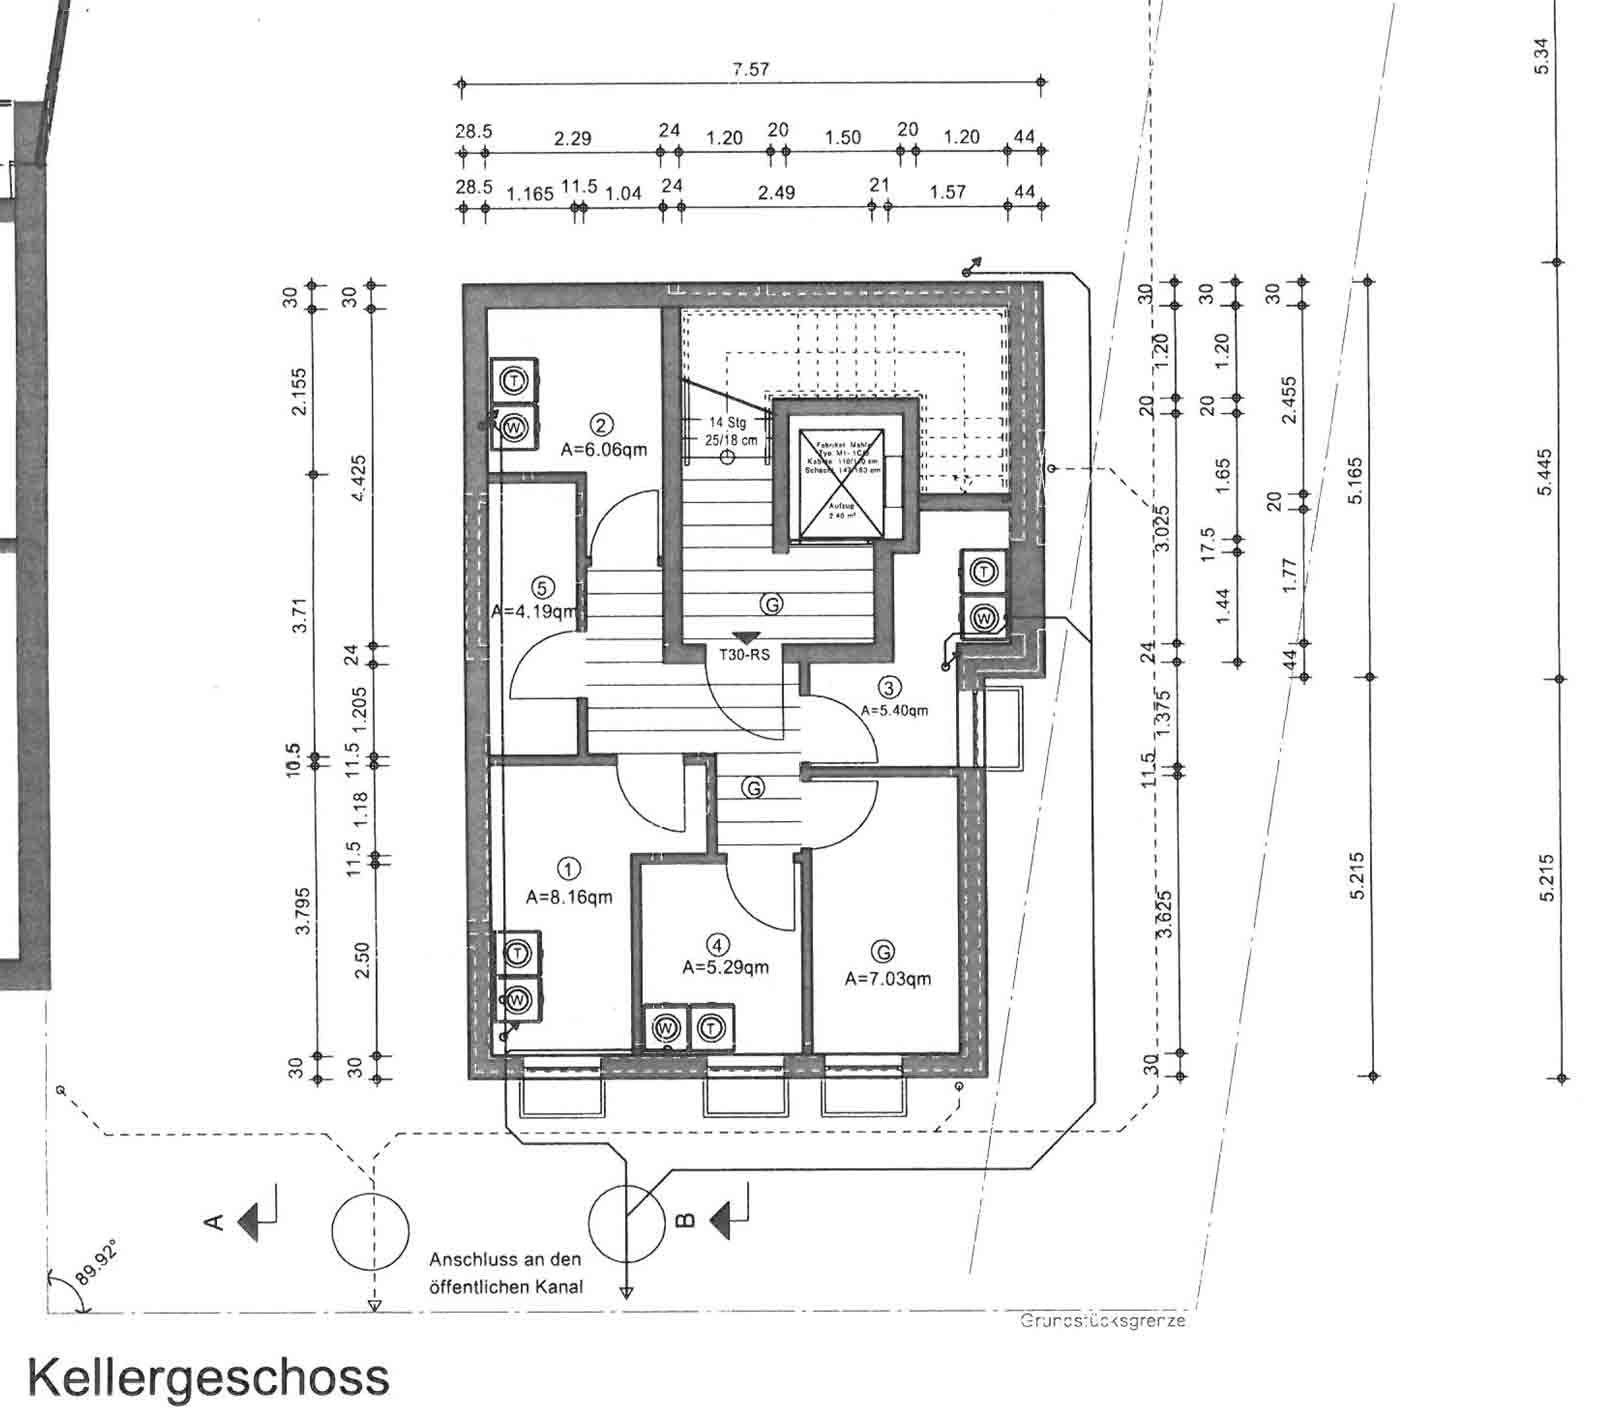 Bildergebnis für treppenhaus mit fahrstuhl maße Treppe